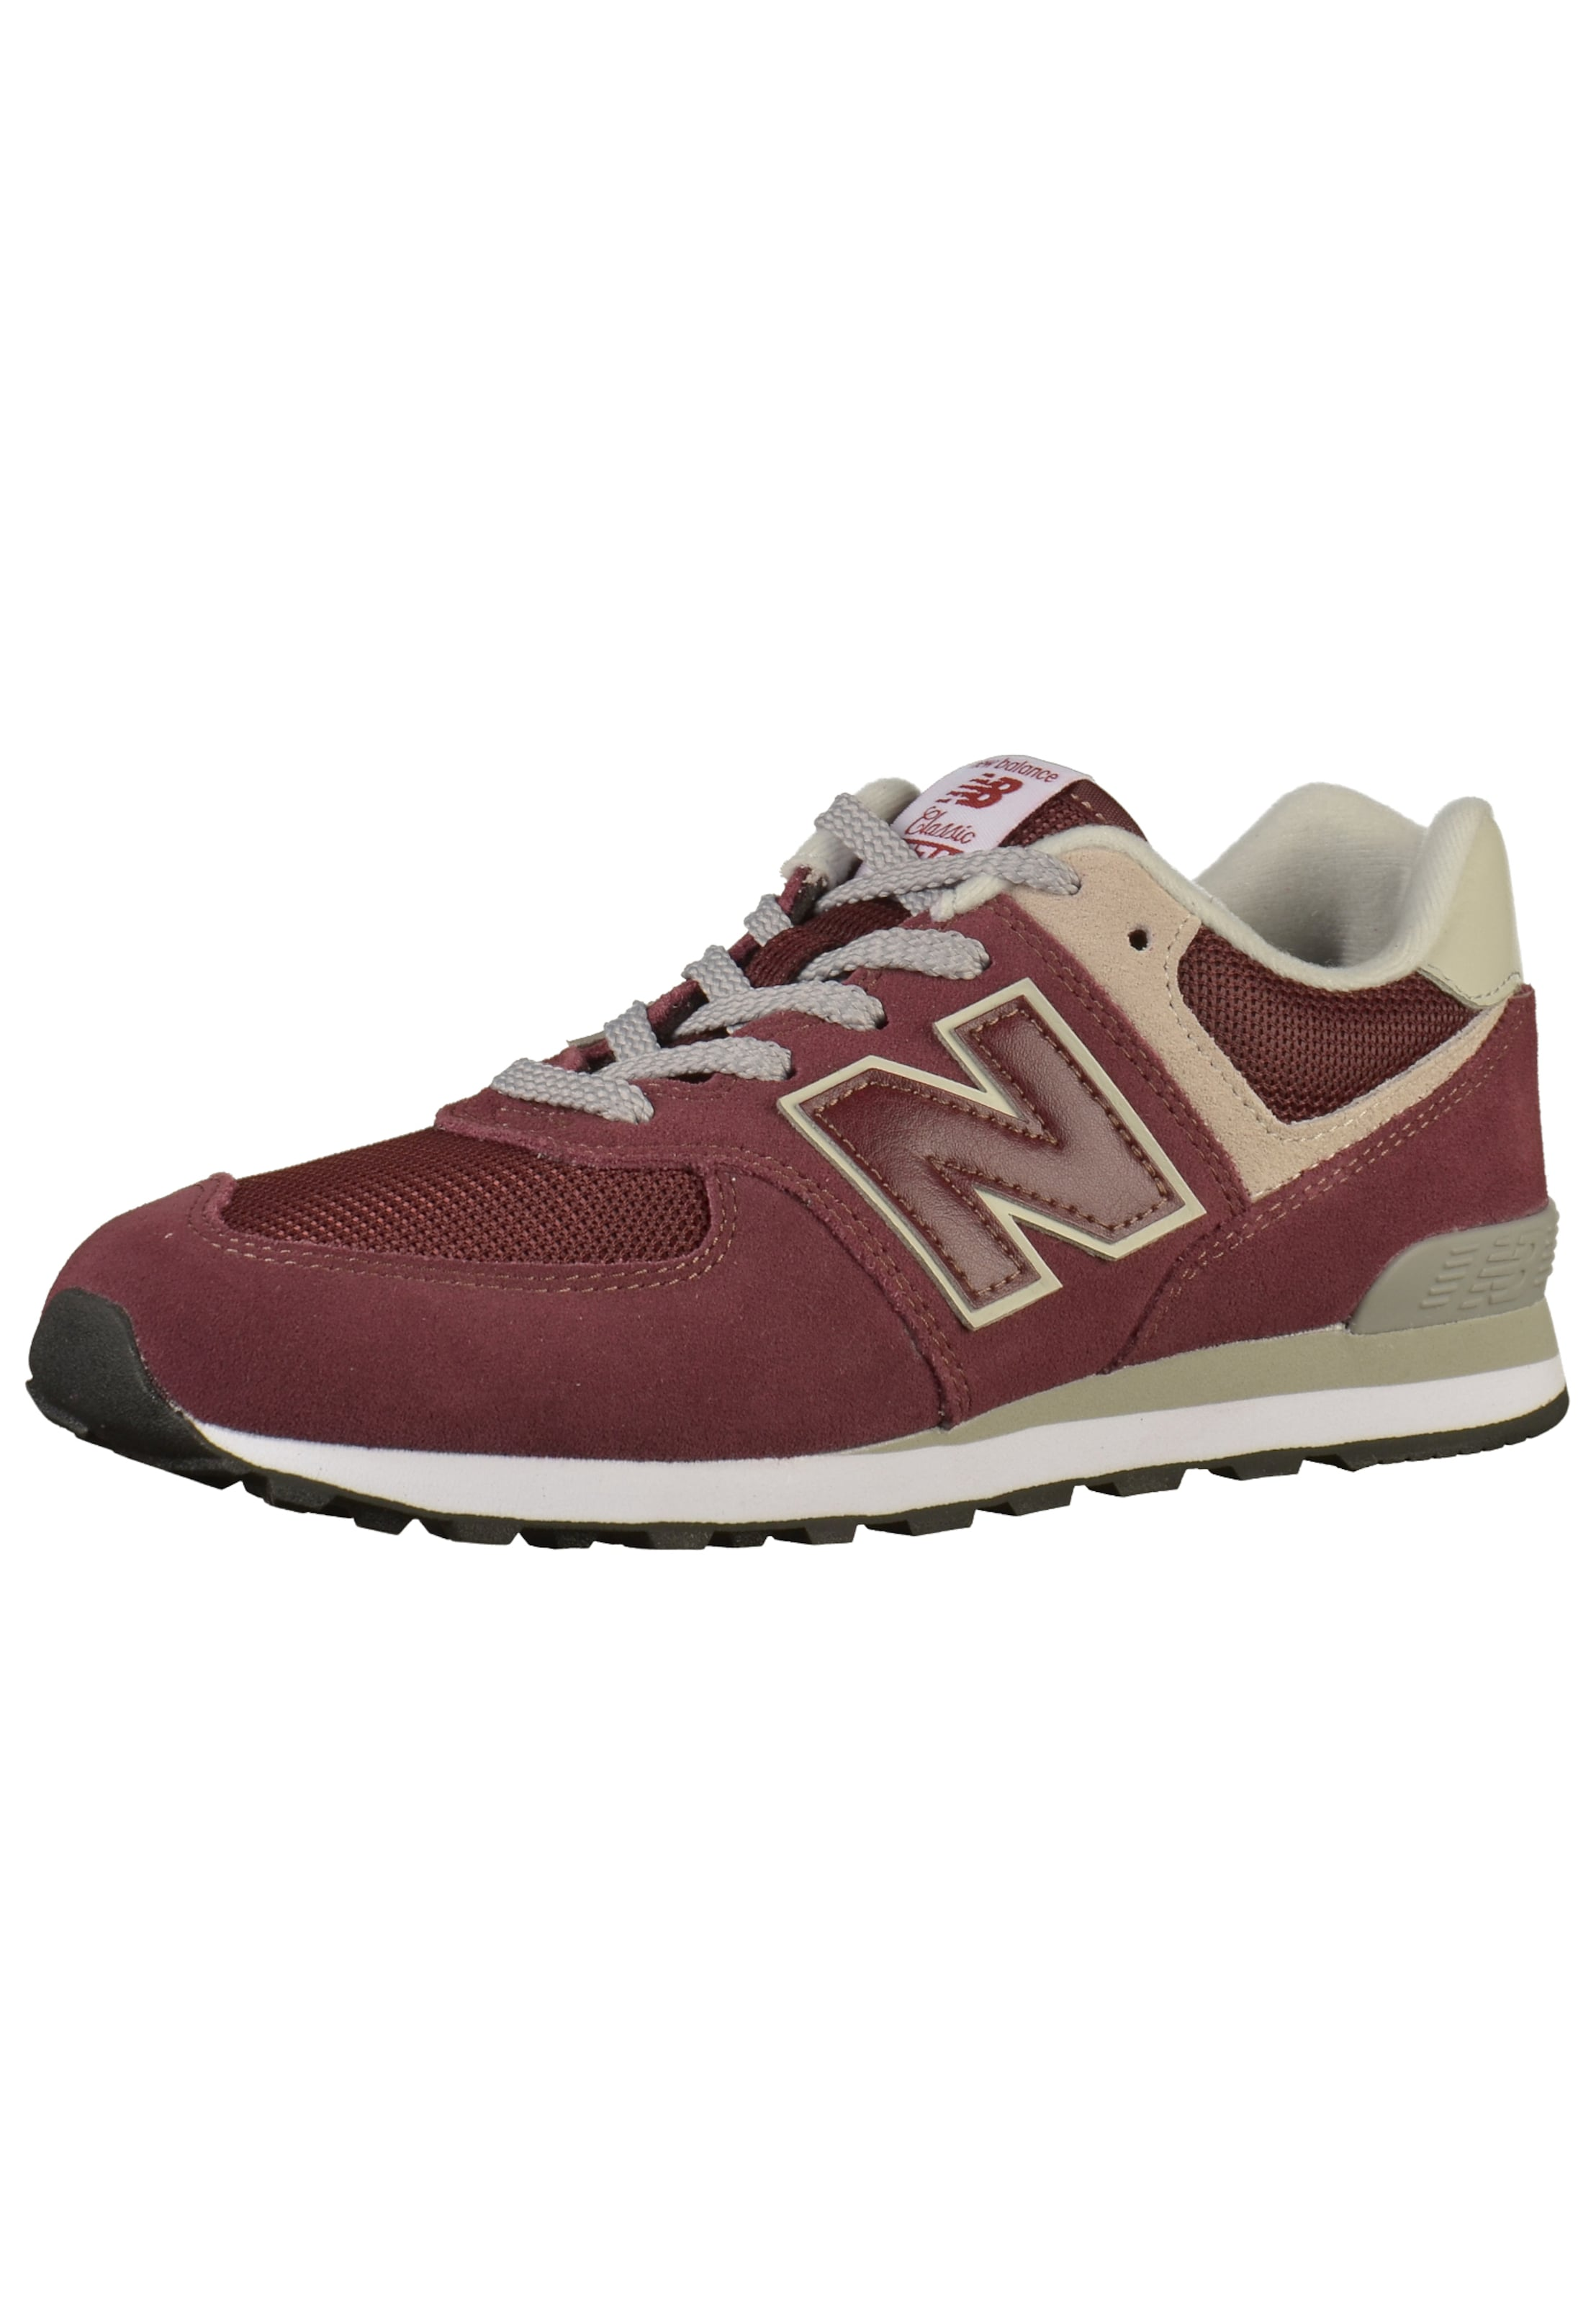 new balance Sneaker Günstige und langlebige Schuhe